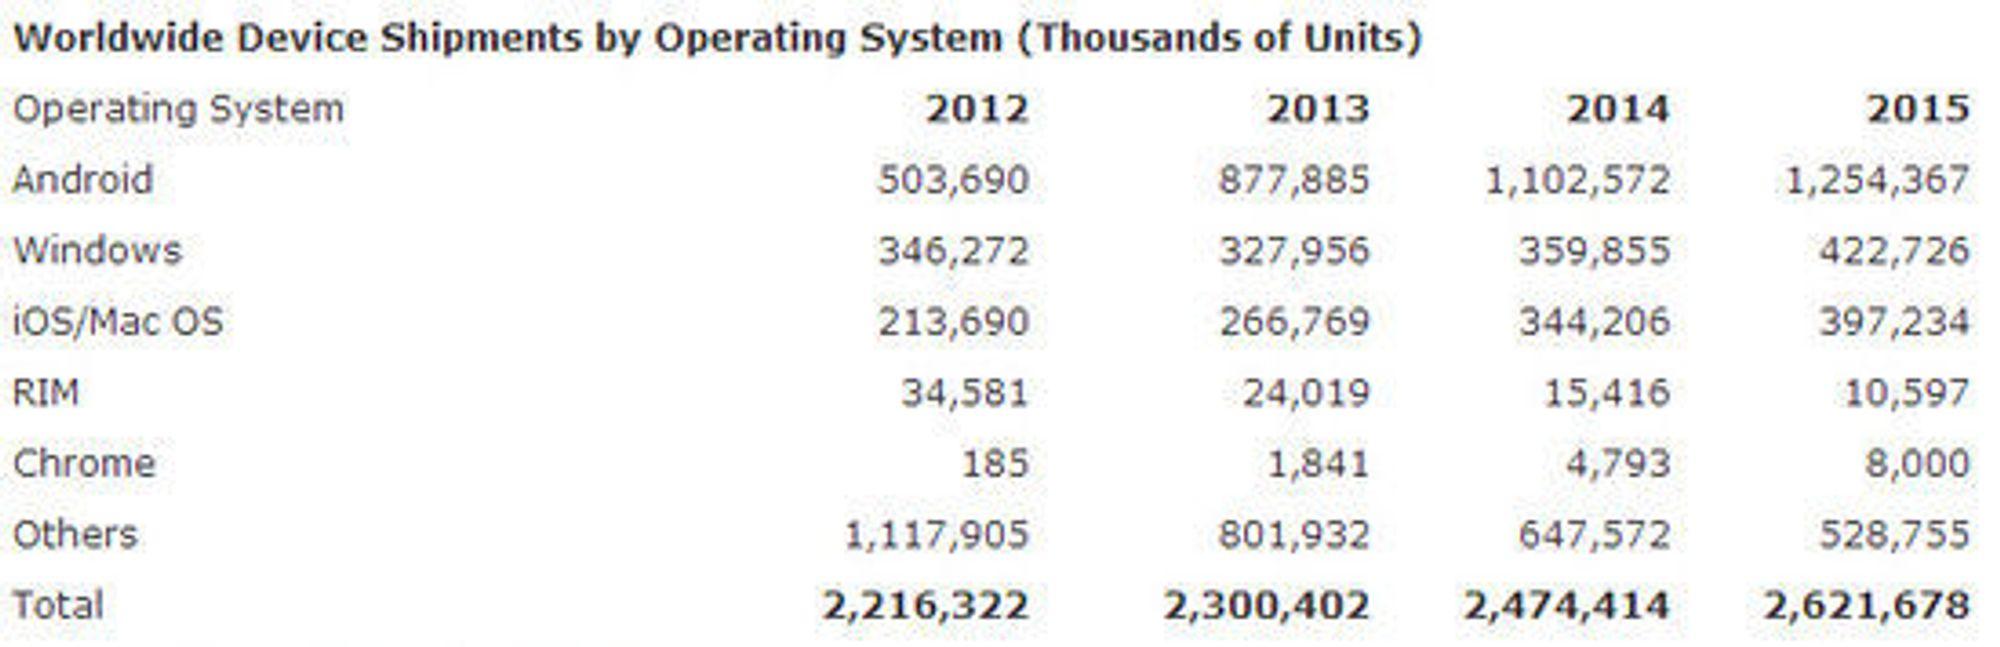 Gartner forventninger til leveranser av dataenheter i årene framover, fordelt på operativssystem.